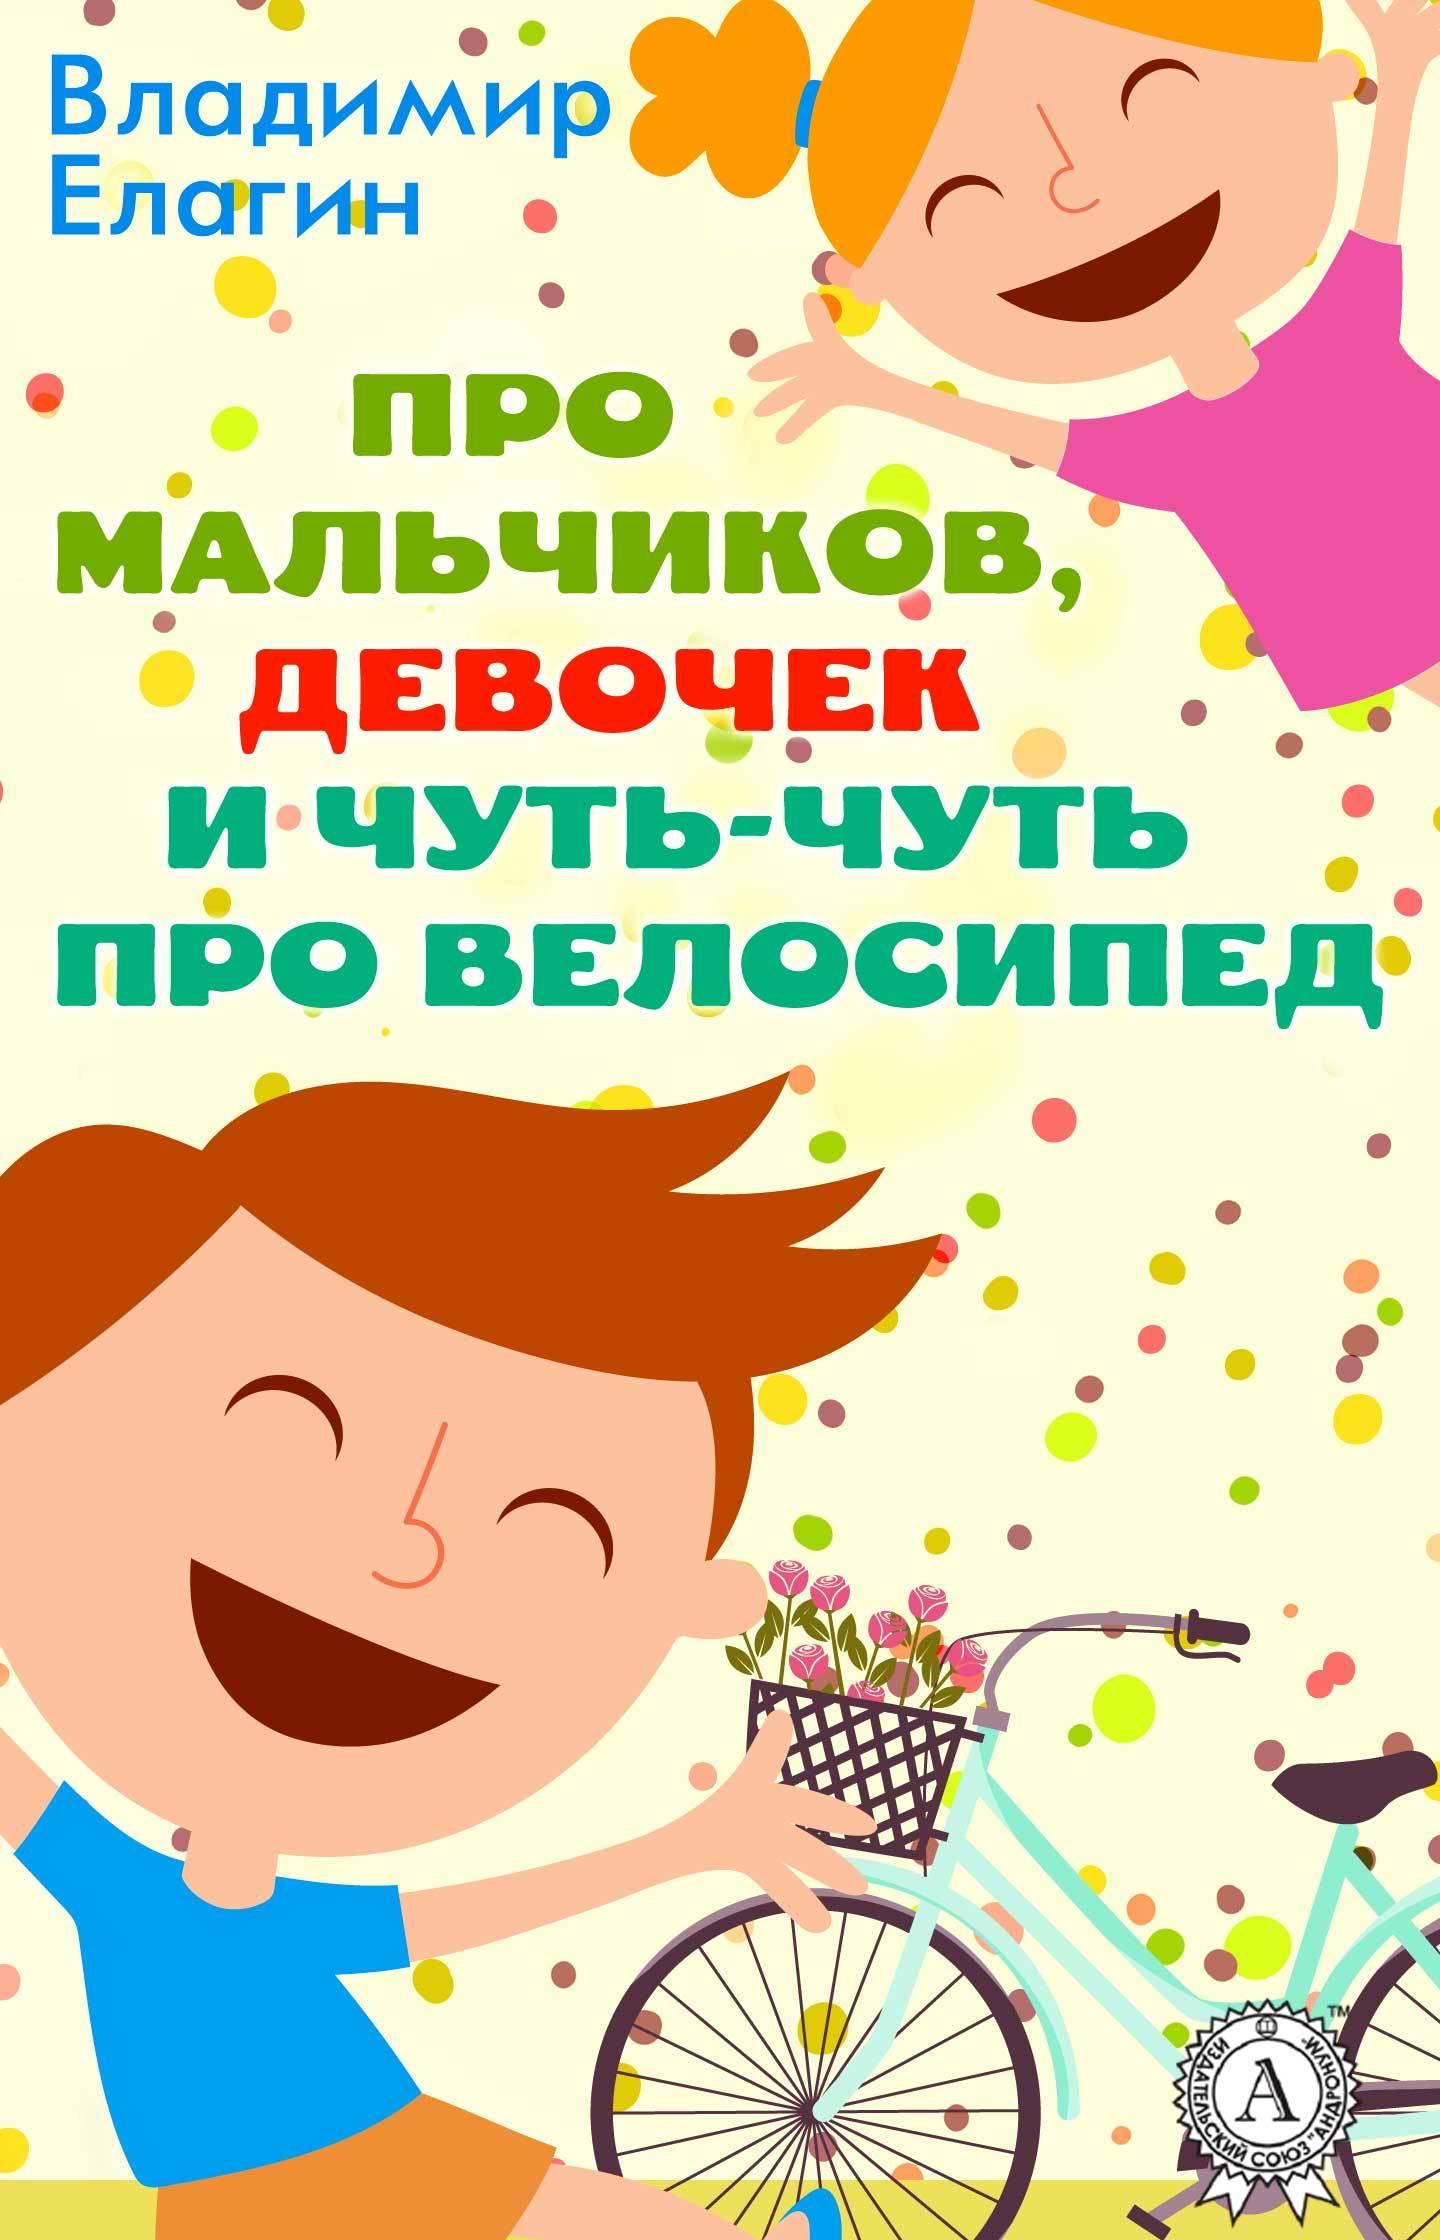 Владимир Елагин Про мальчиков девочек и чуть-чуть про велосипед владимир гольдштейн первоапрельский велосипед